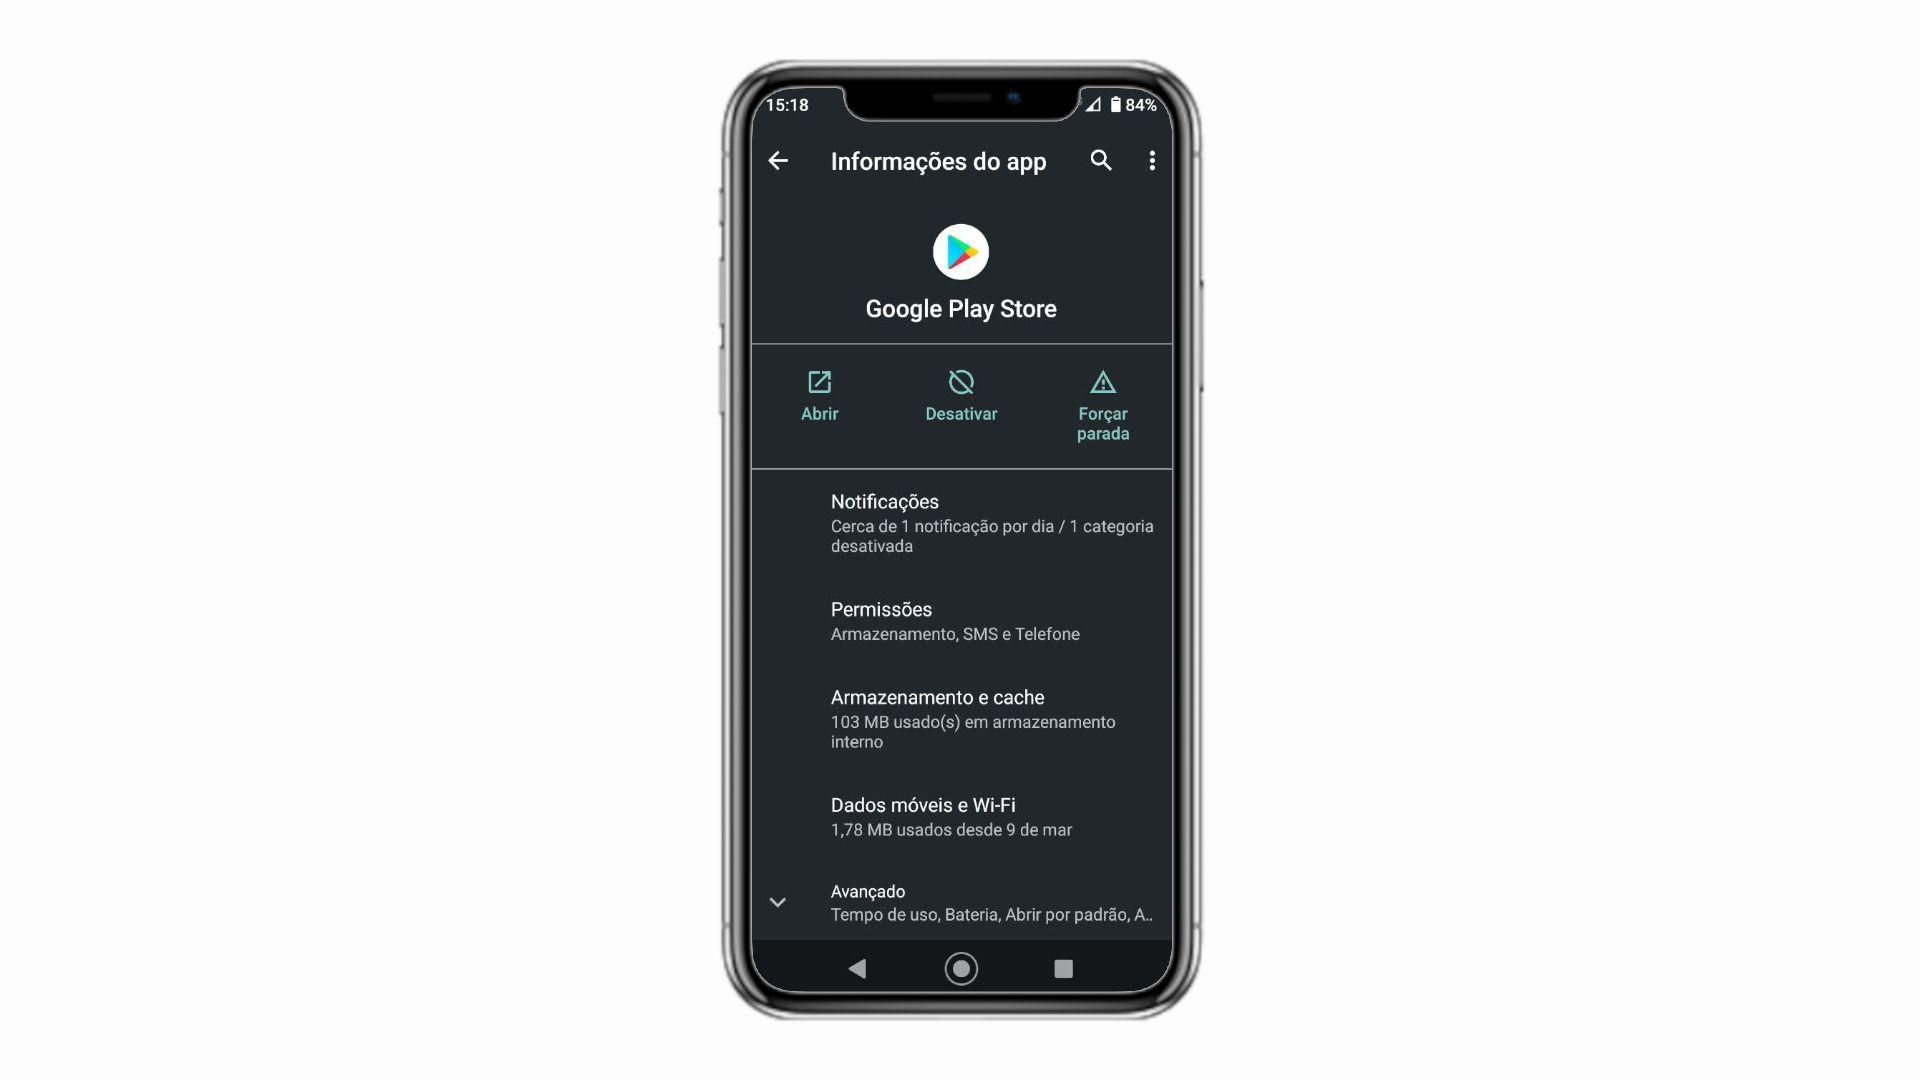 Nas configuração do app é possível desativar e ativar a Play Store (Foto: Reprodução/Zoom)